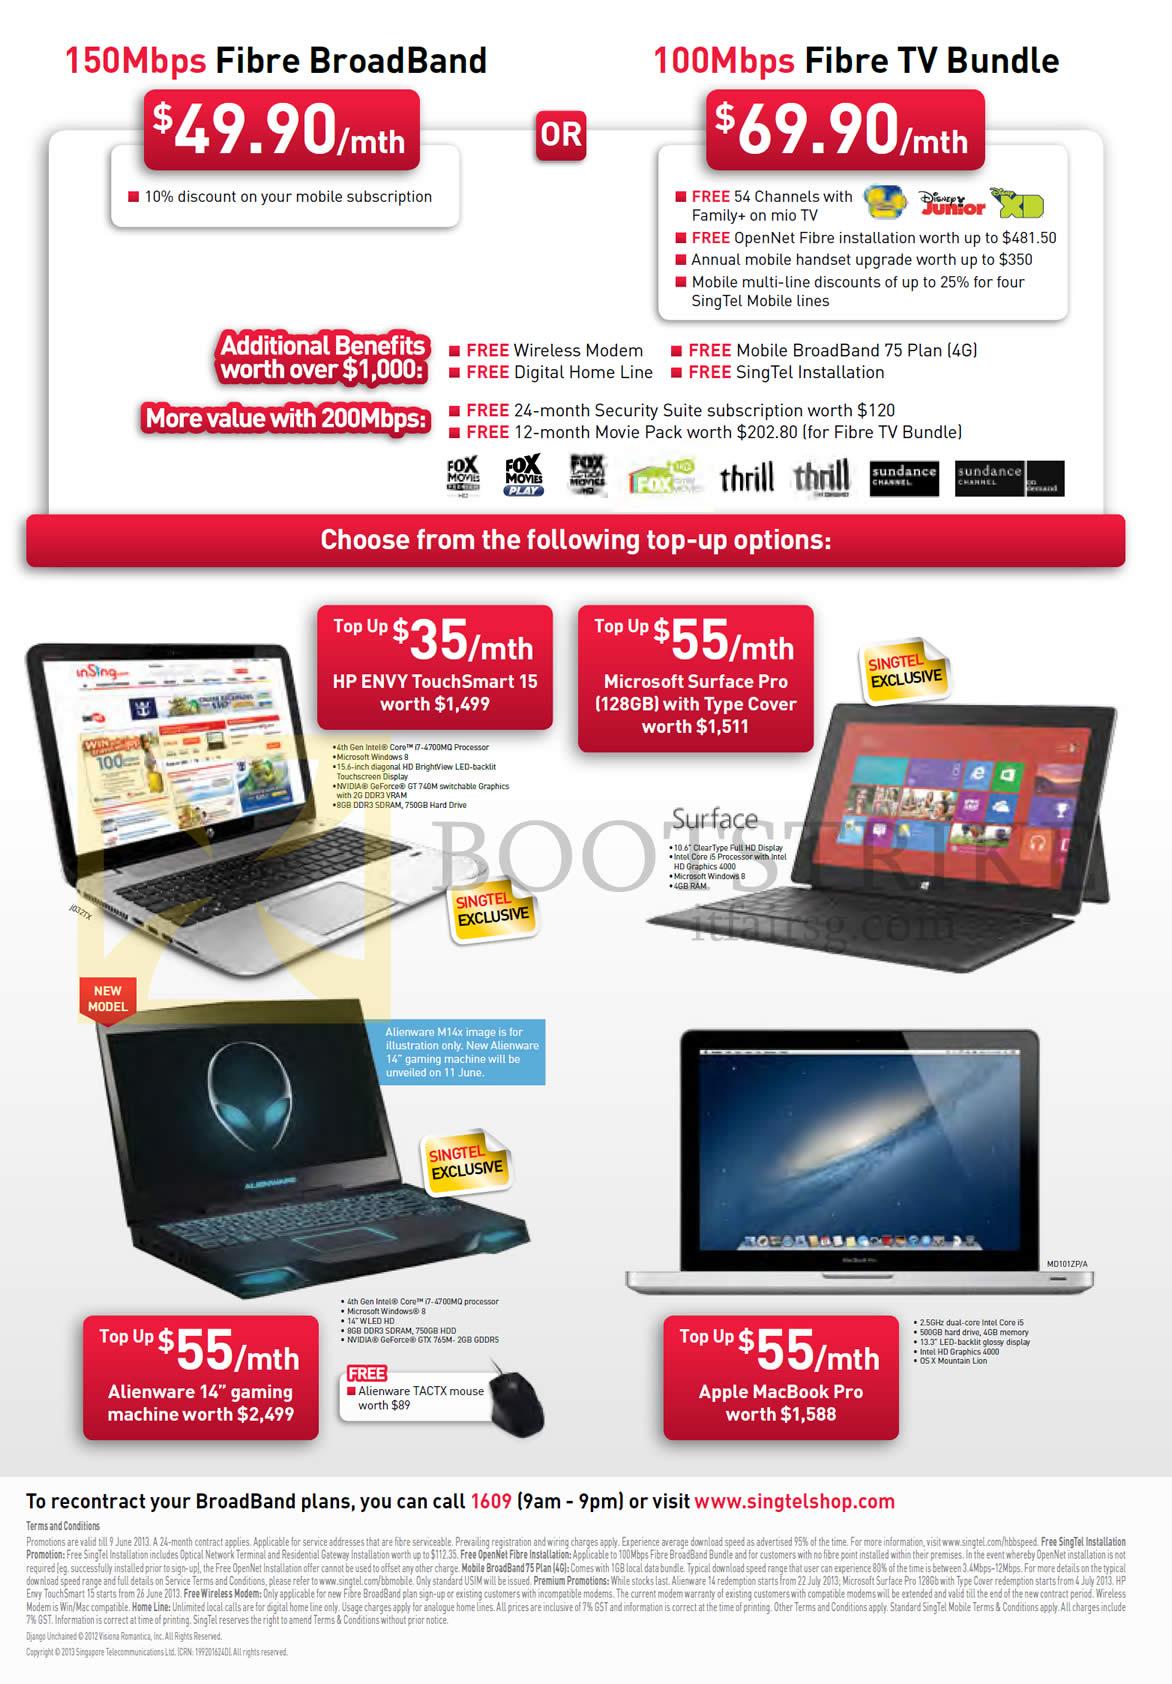 PC SHOW 2013 price list image brochure of Singtel Broadband Fibre 49.90 150Mbps, 69.90 100Mbps Fibre TV Bundle, HP Envy TouchSmart 15 Notebook, Microsoft Surface Pro, Dell Alienware M14x, Apple Macbook Pro